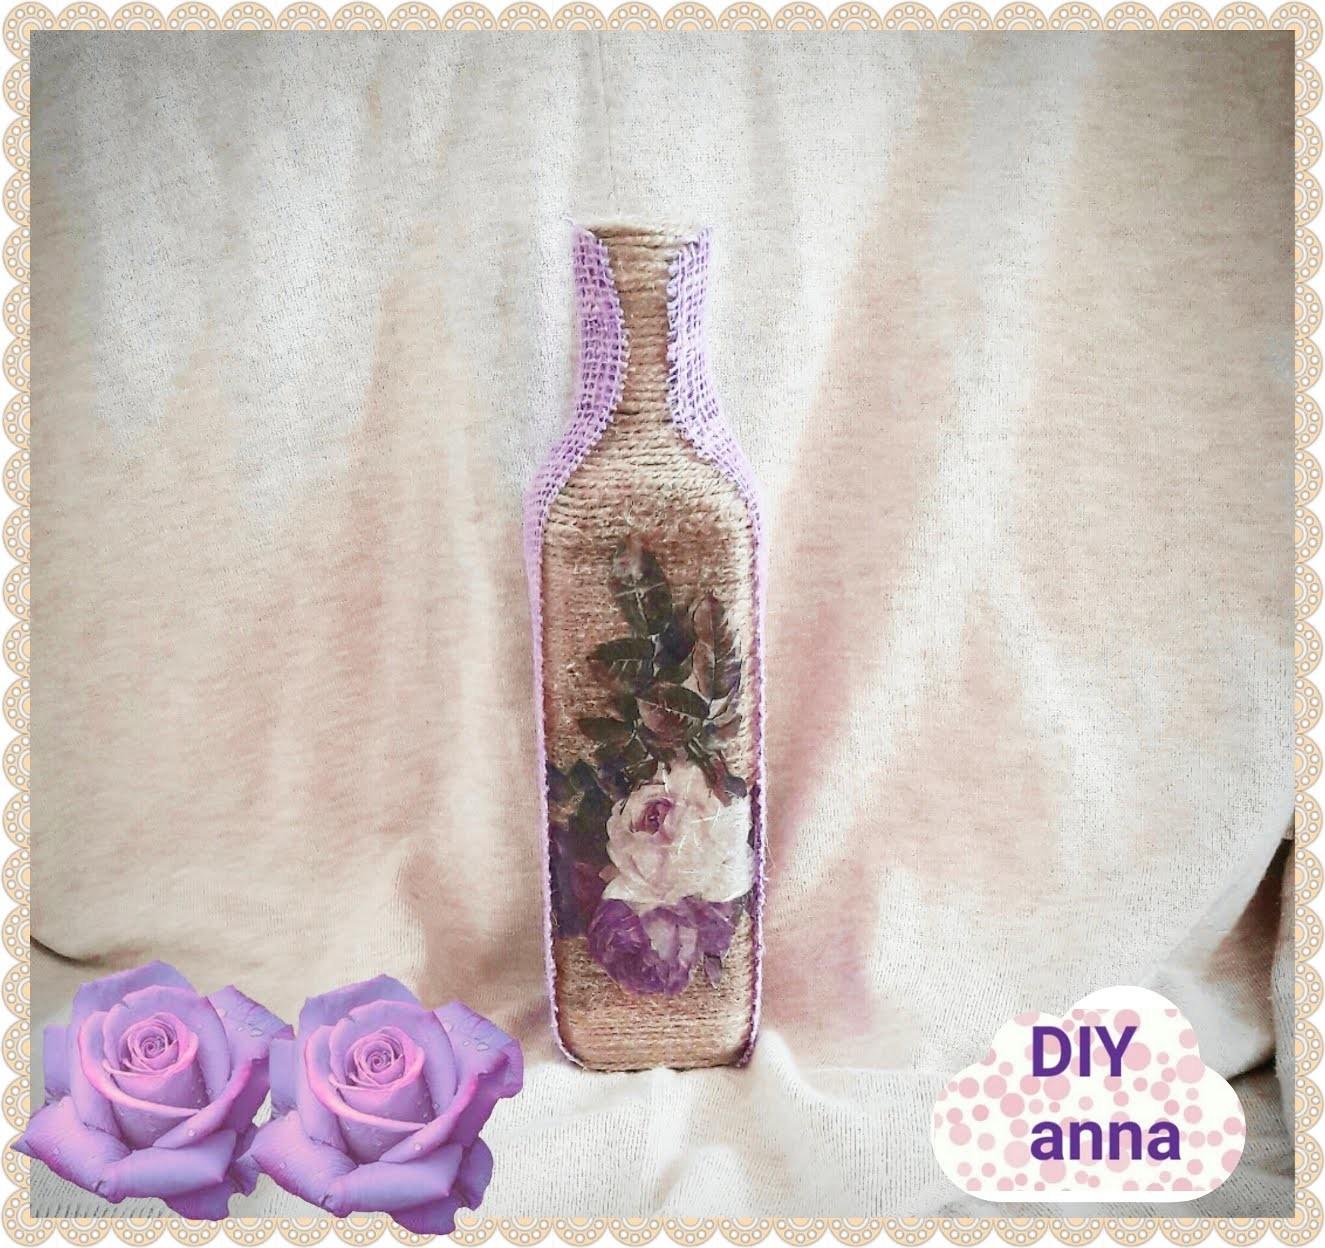 Decoupage shabby chic yarn bottle DIY ideas decorations craft tutorial